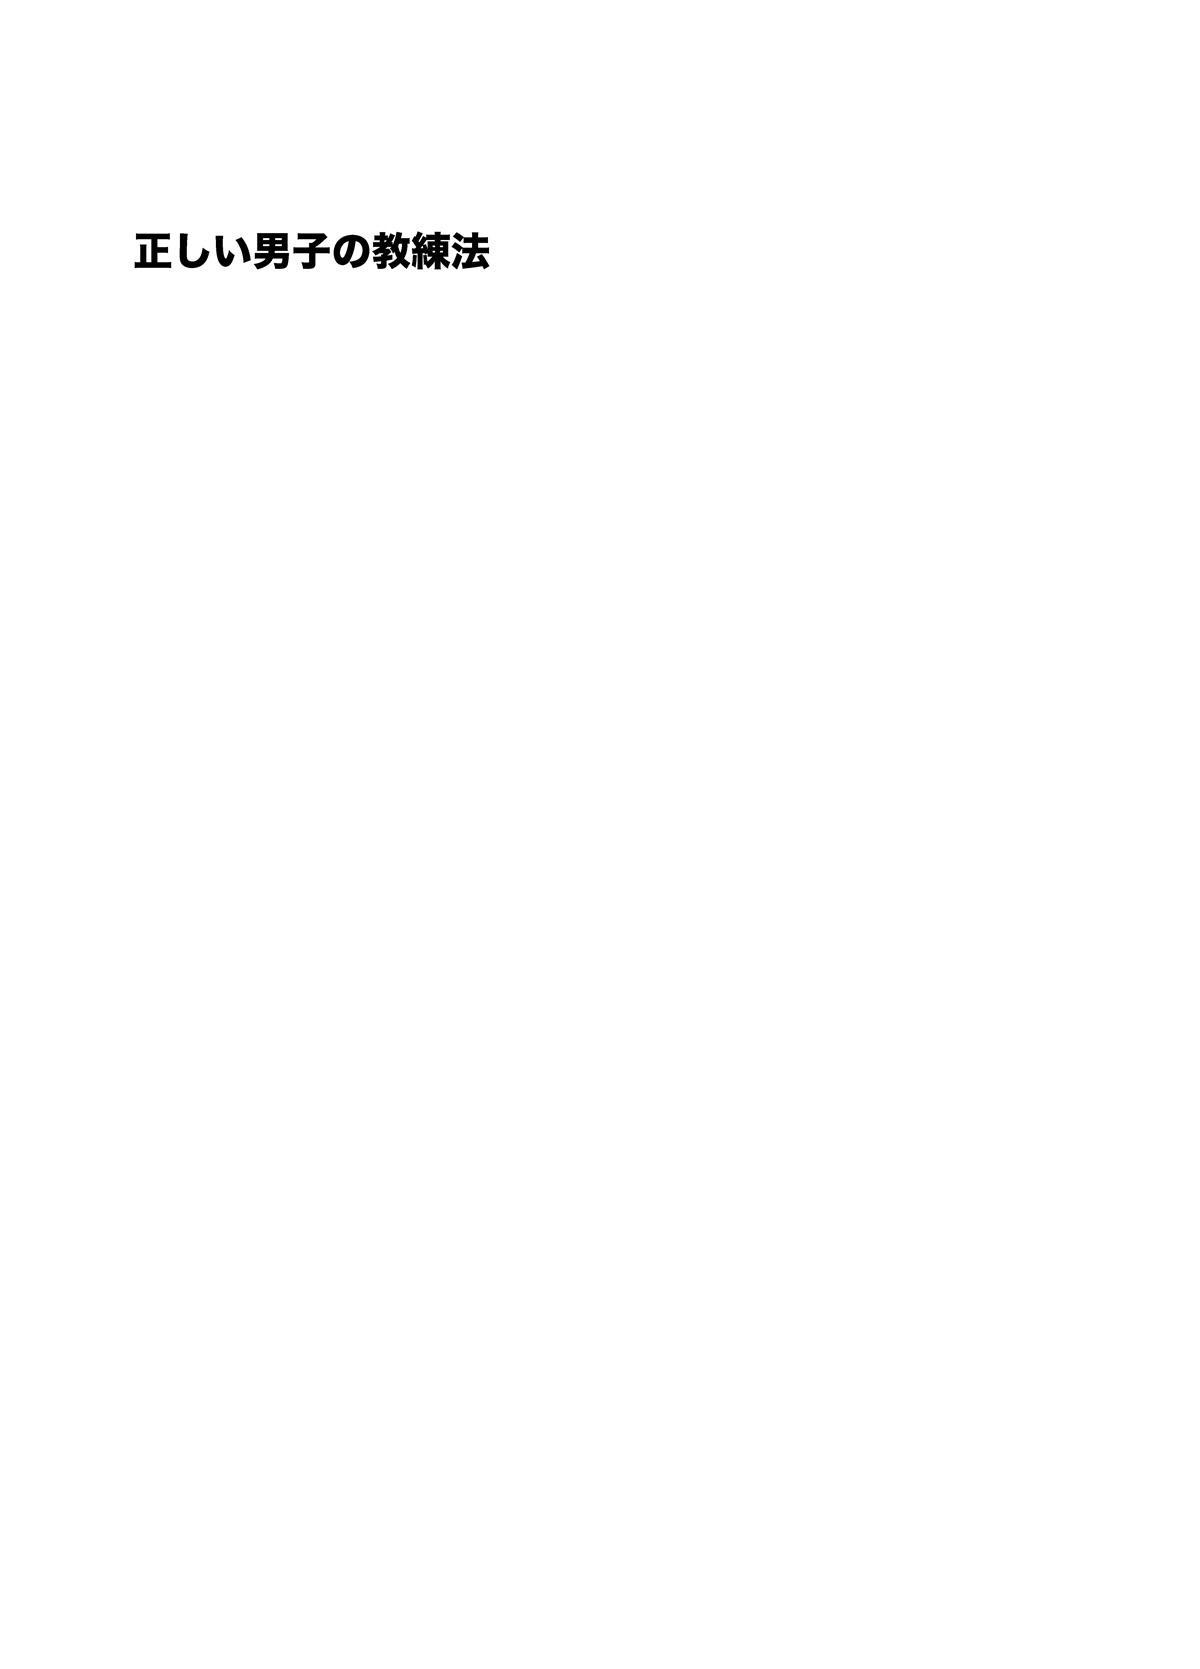 Tadashii Danshi no Kyouren Hou 1